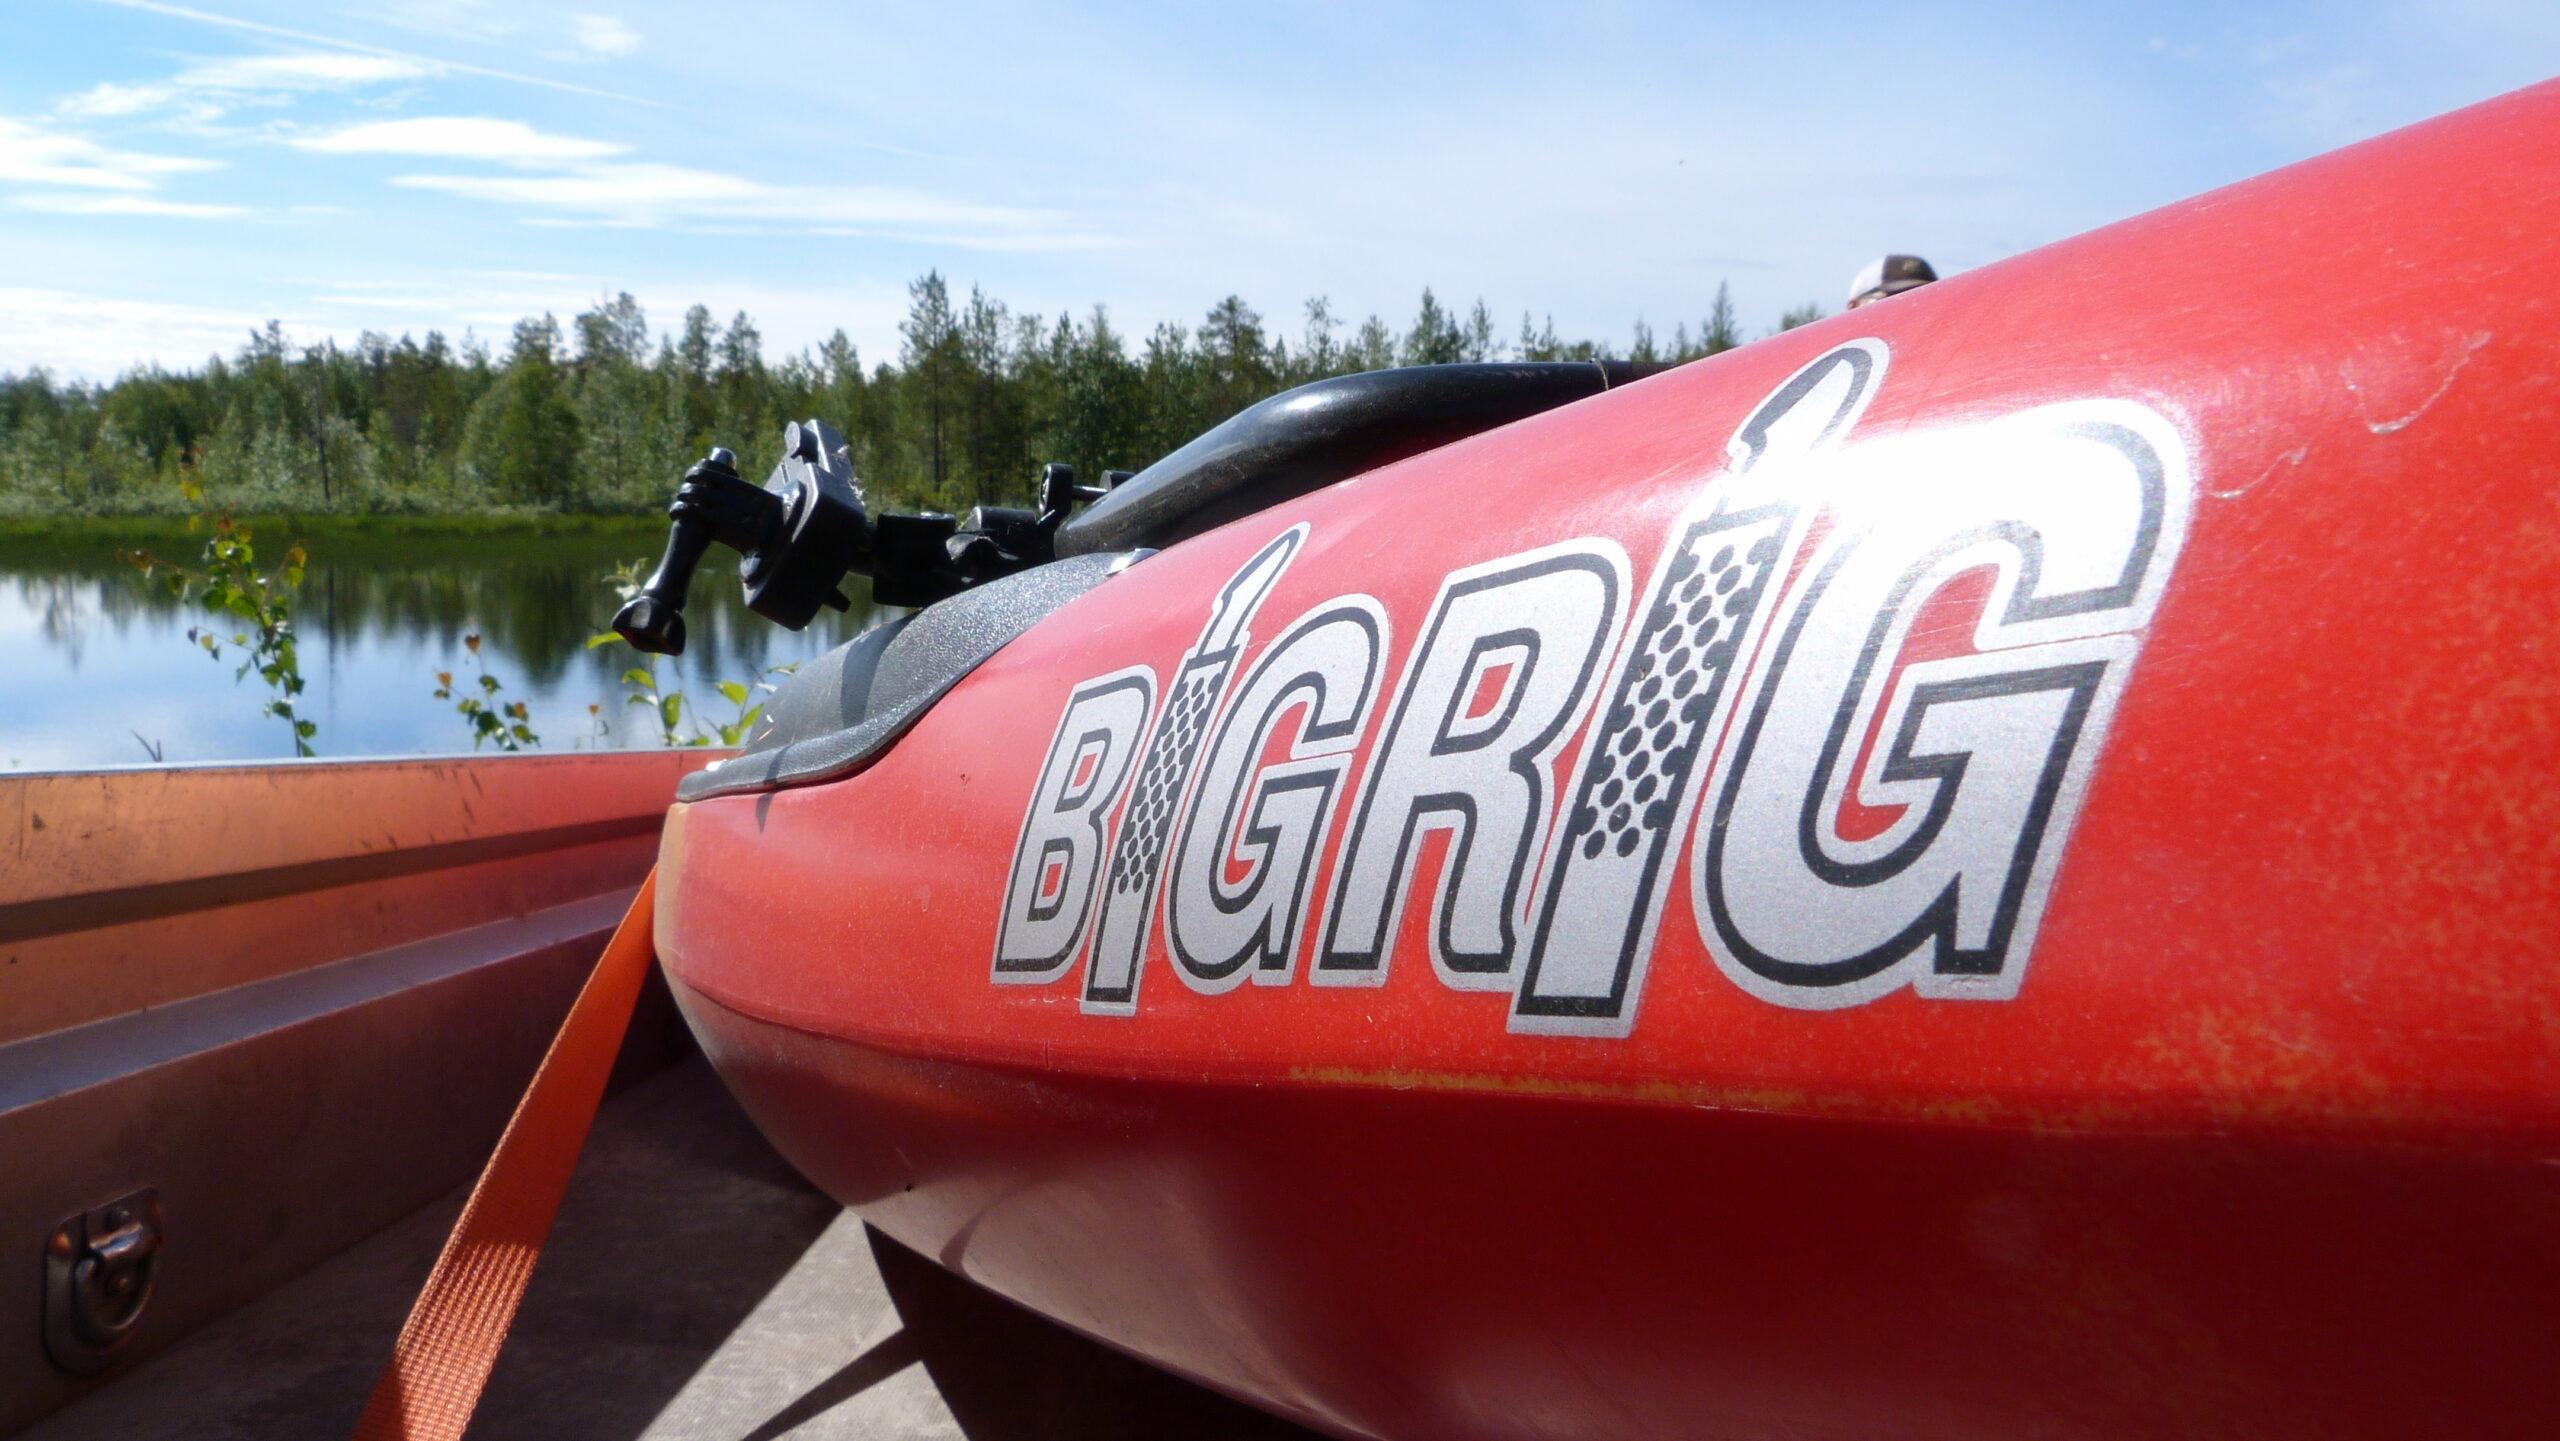 JokkmokkArcticDream_ArcticAdventure-bigrig